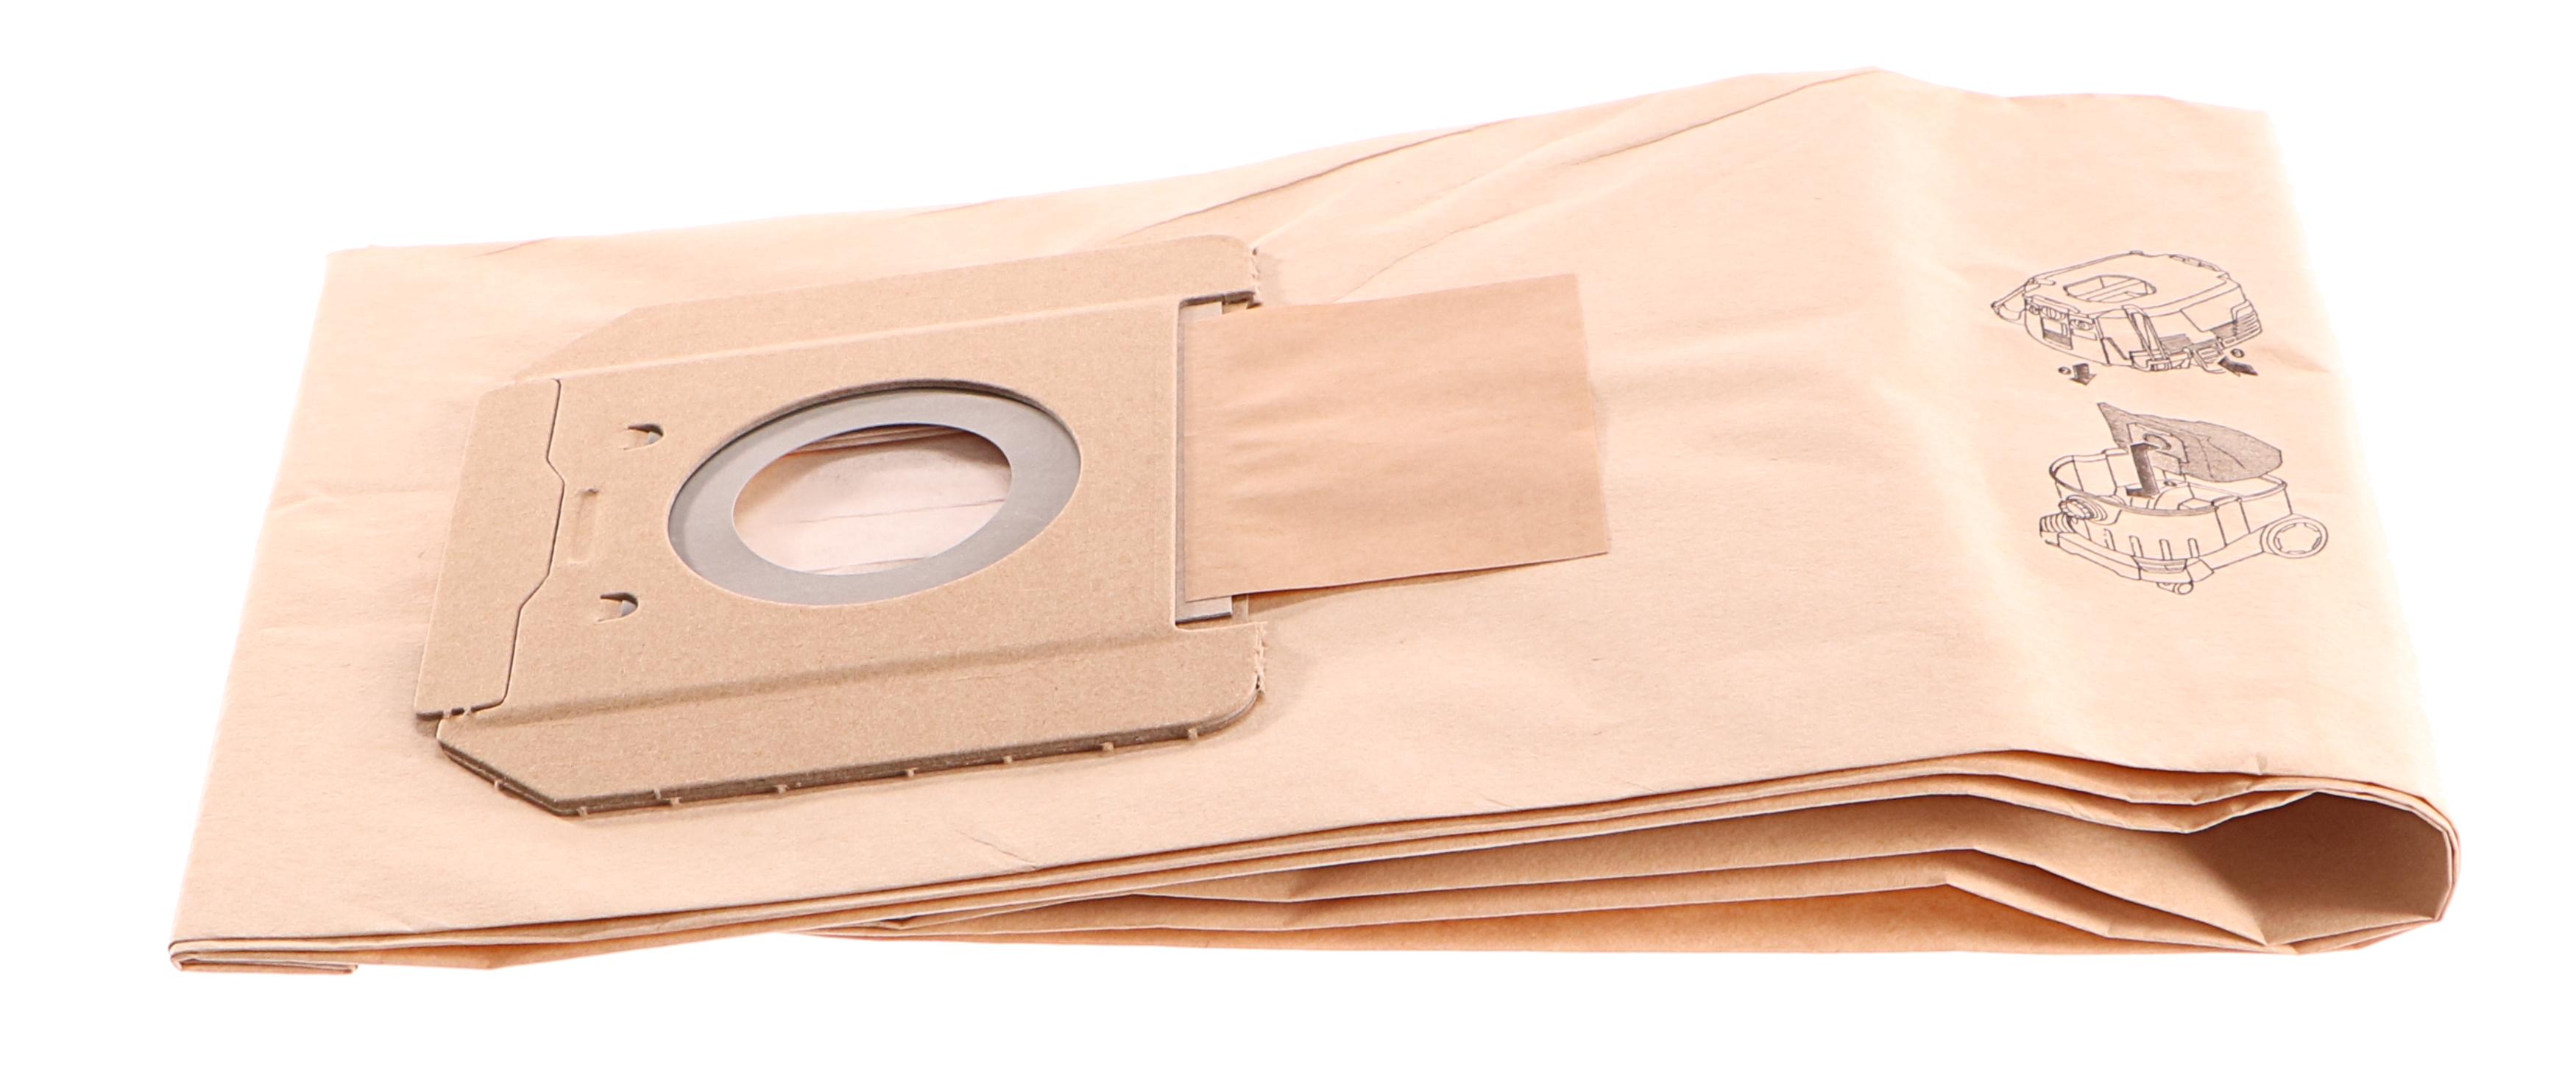 Papírové filtrační sáčky - GAS 35 - 3165140713580